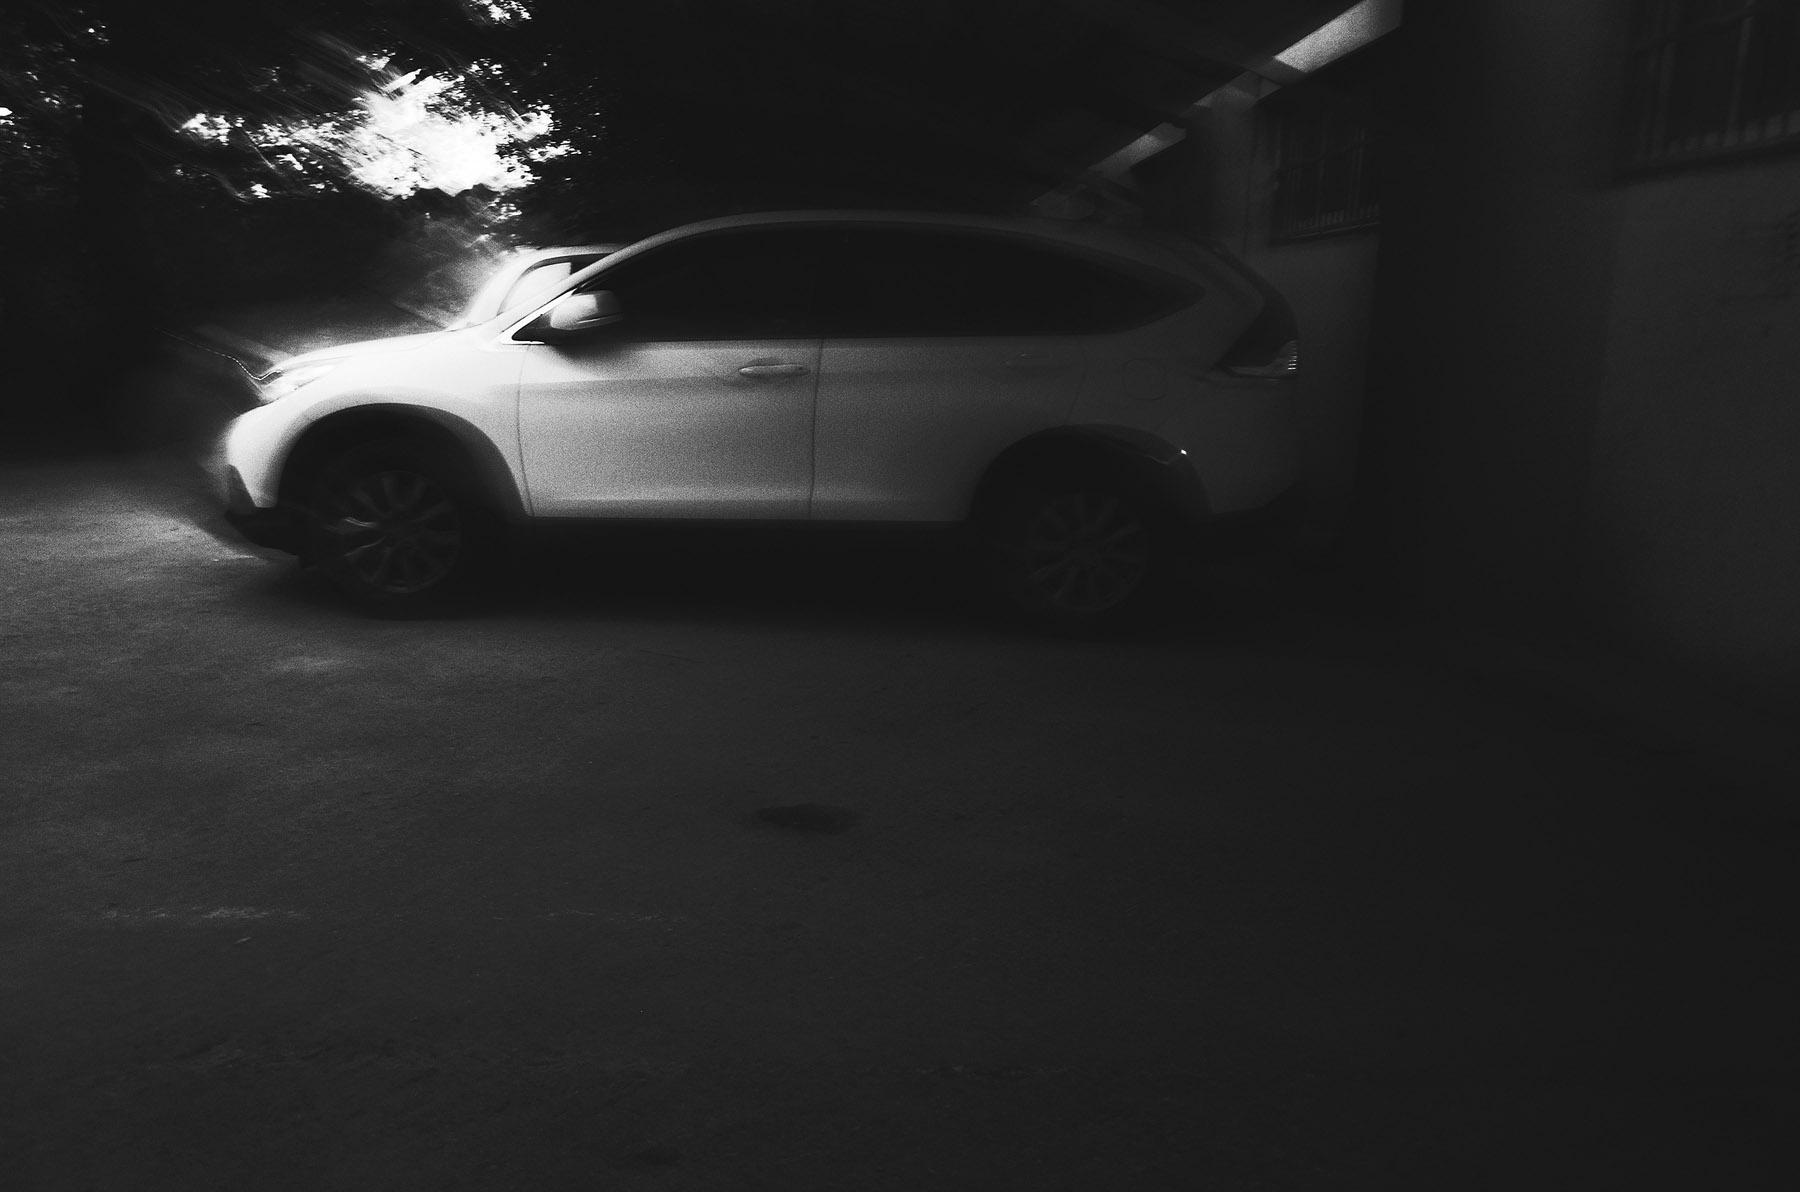 心象攝影-車,夜,黑白